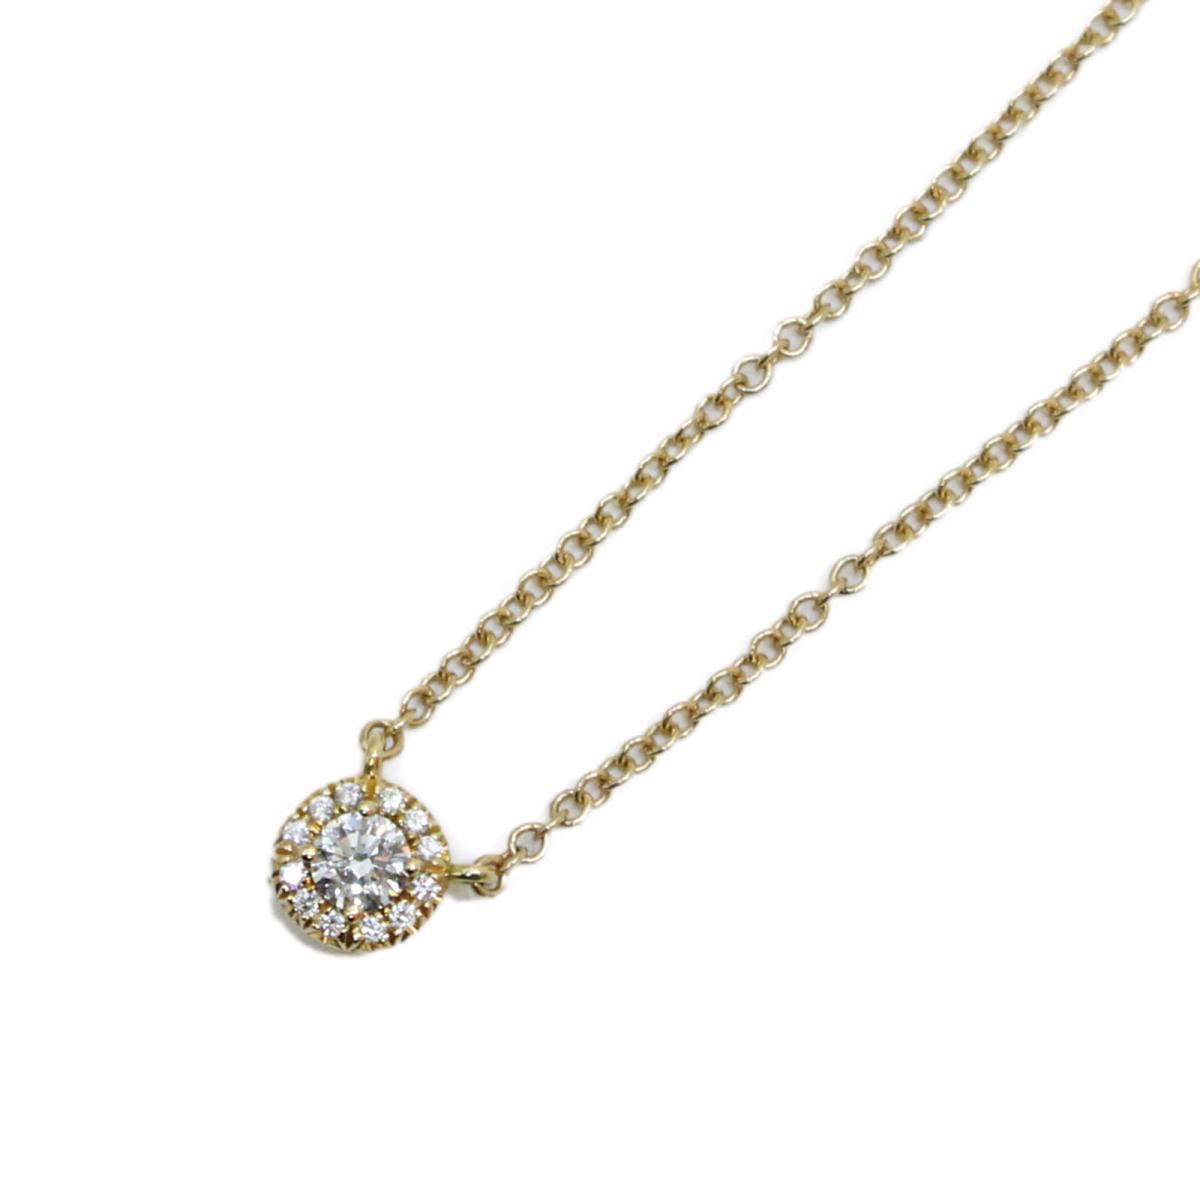 【中古】 ティファニー ソレスト ダイヤ ネックレス レディース K18PG (750) ピンクゴールド x ダイヤモンド (石目なし)   TIFFANY&CO BRANDOFF ブランドオフ ブランド アクセサリー ペンダント